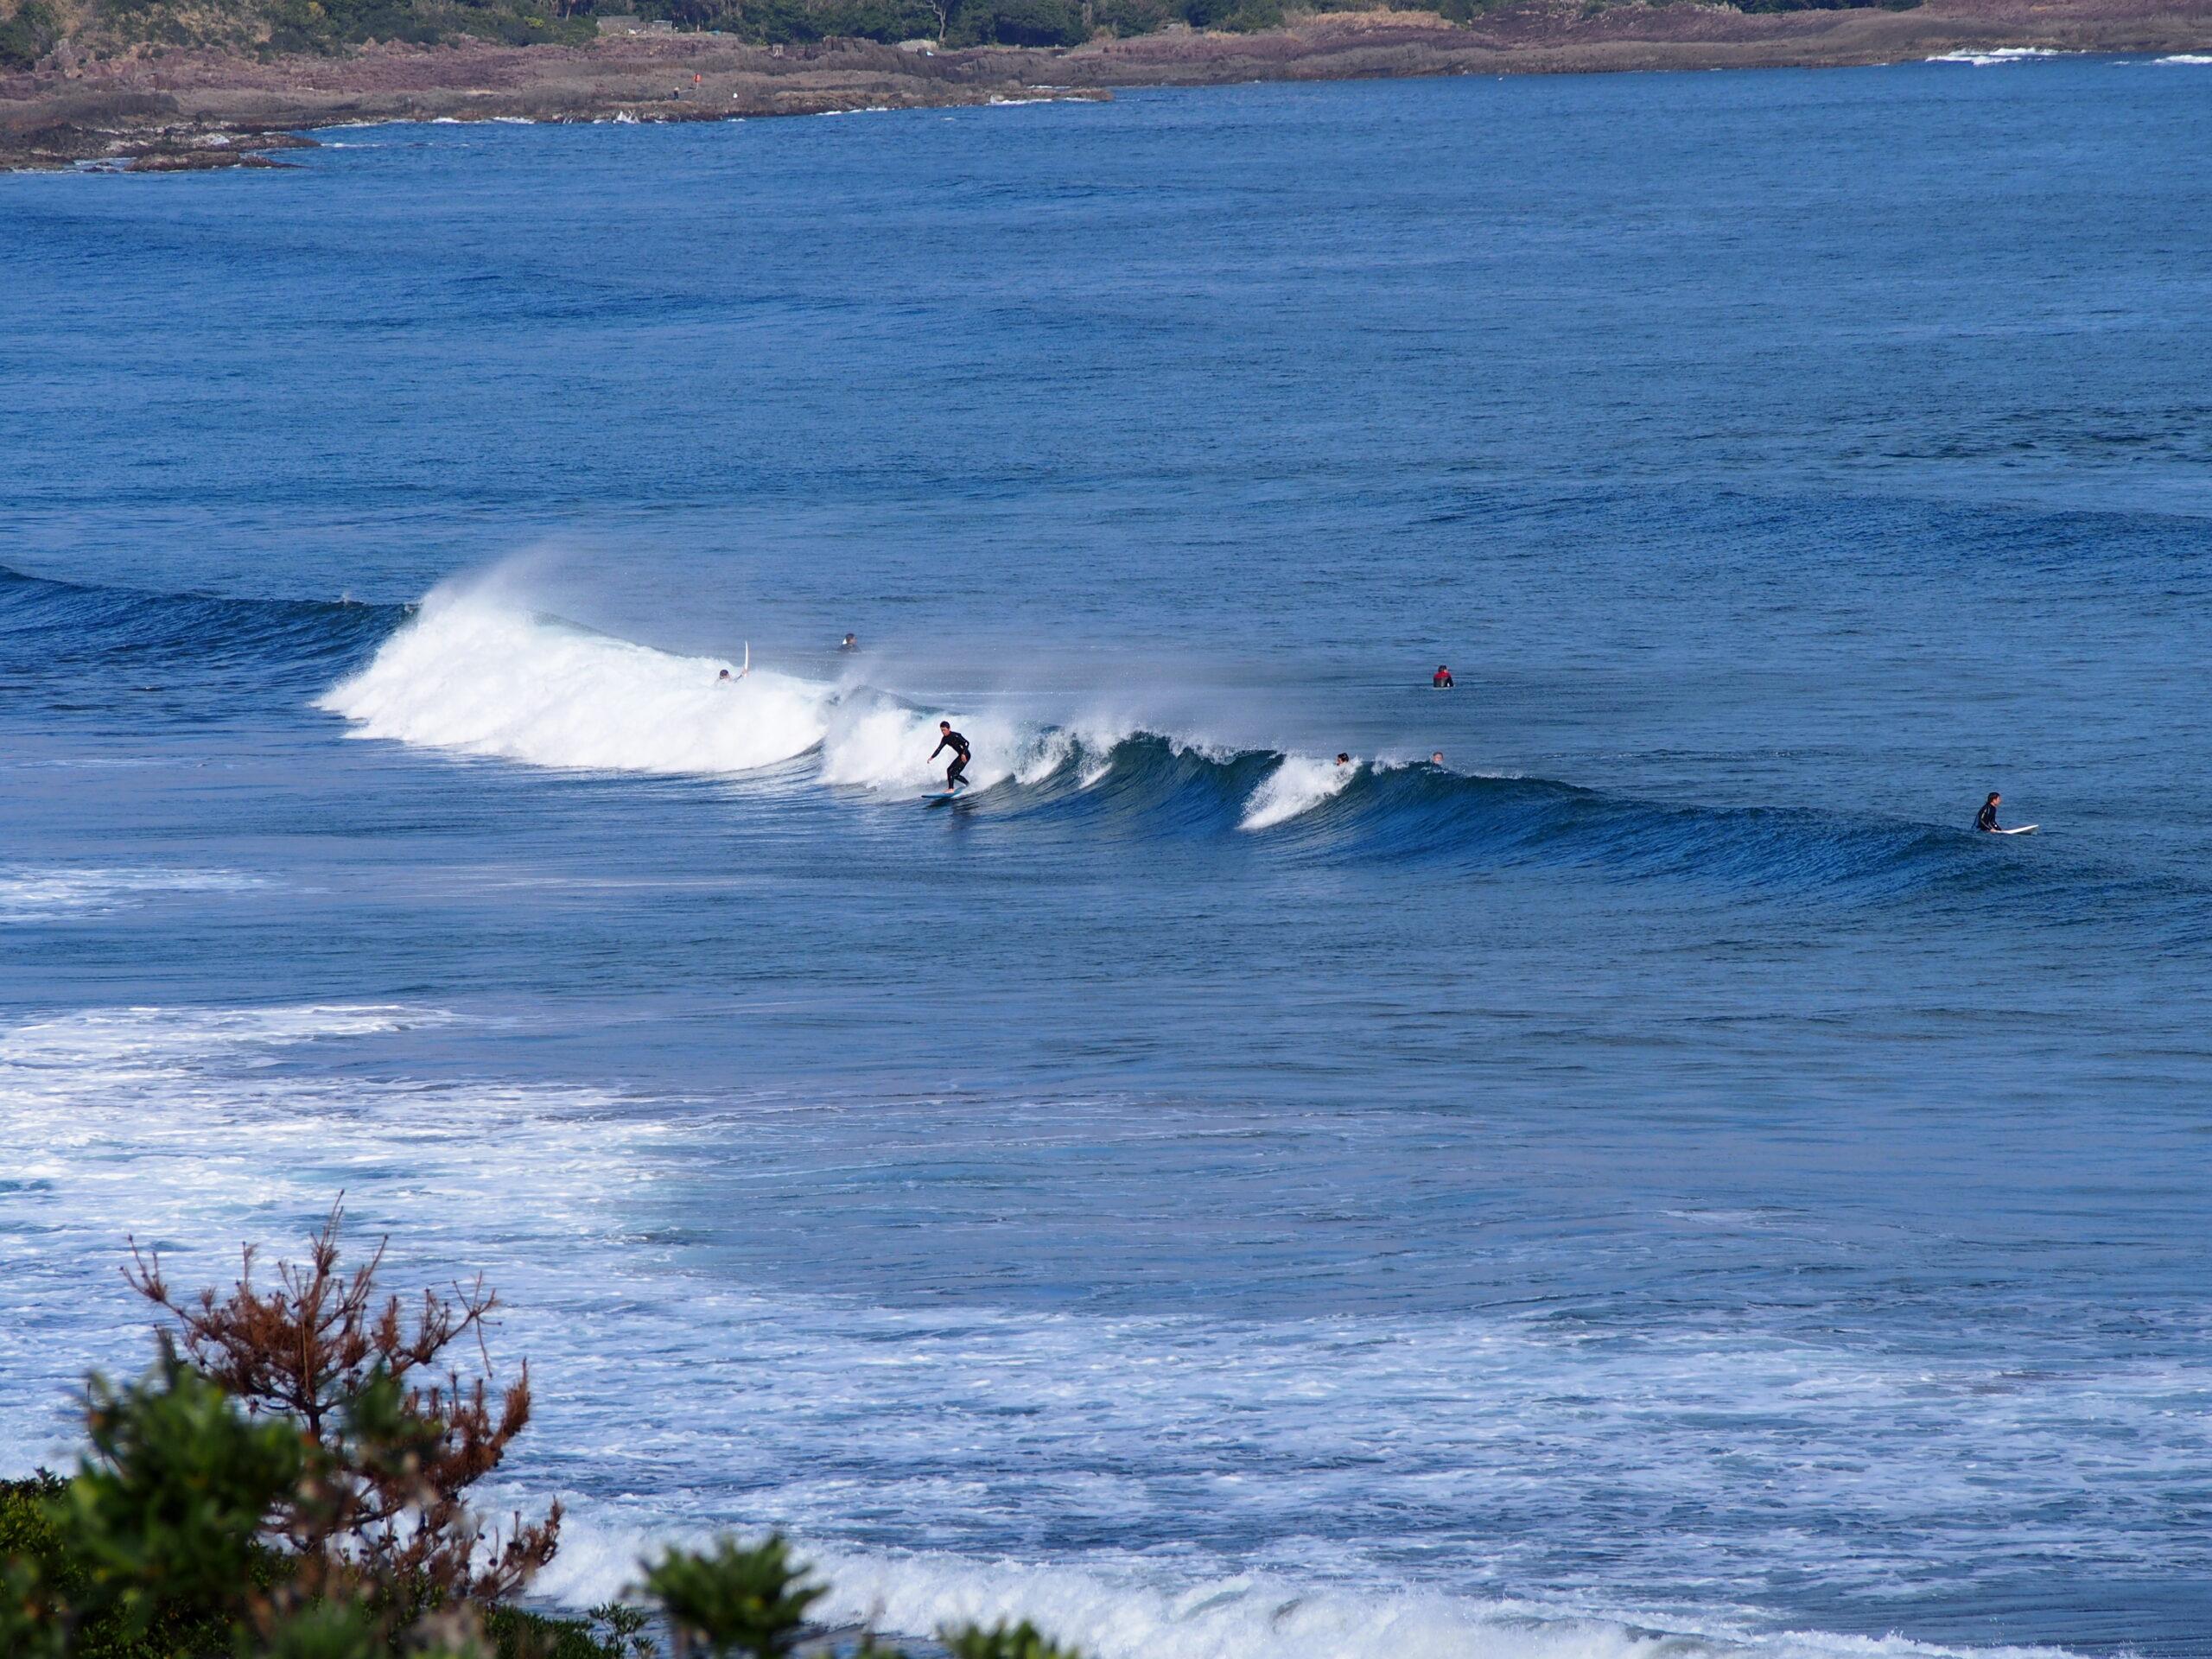 宮崎でのんびりサーフィンするなら木崎浜・青島よりも日向がおすすめ!